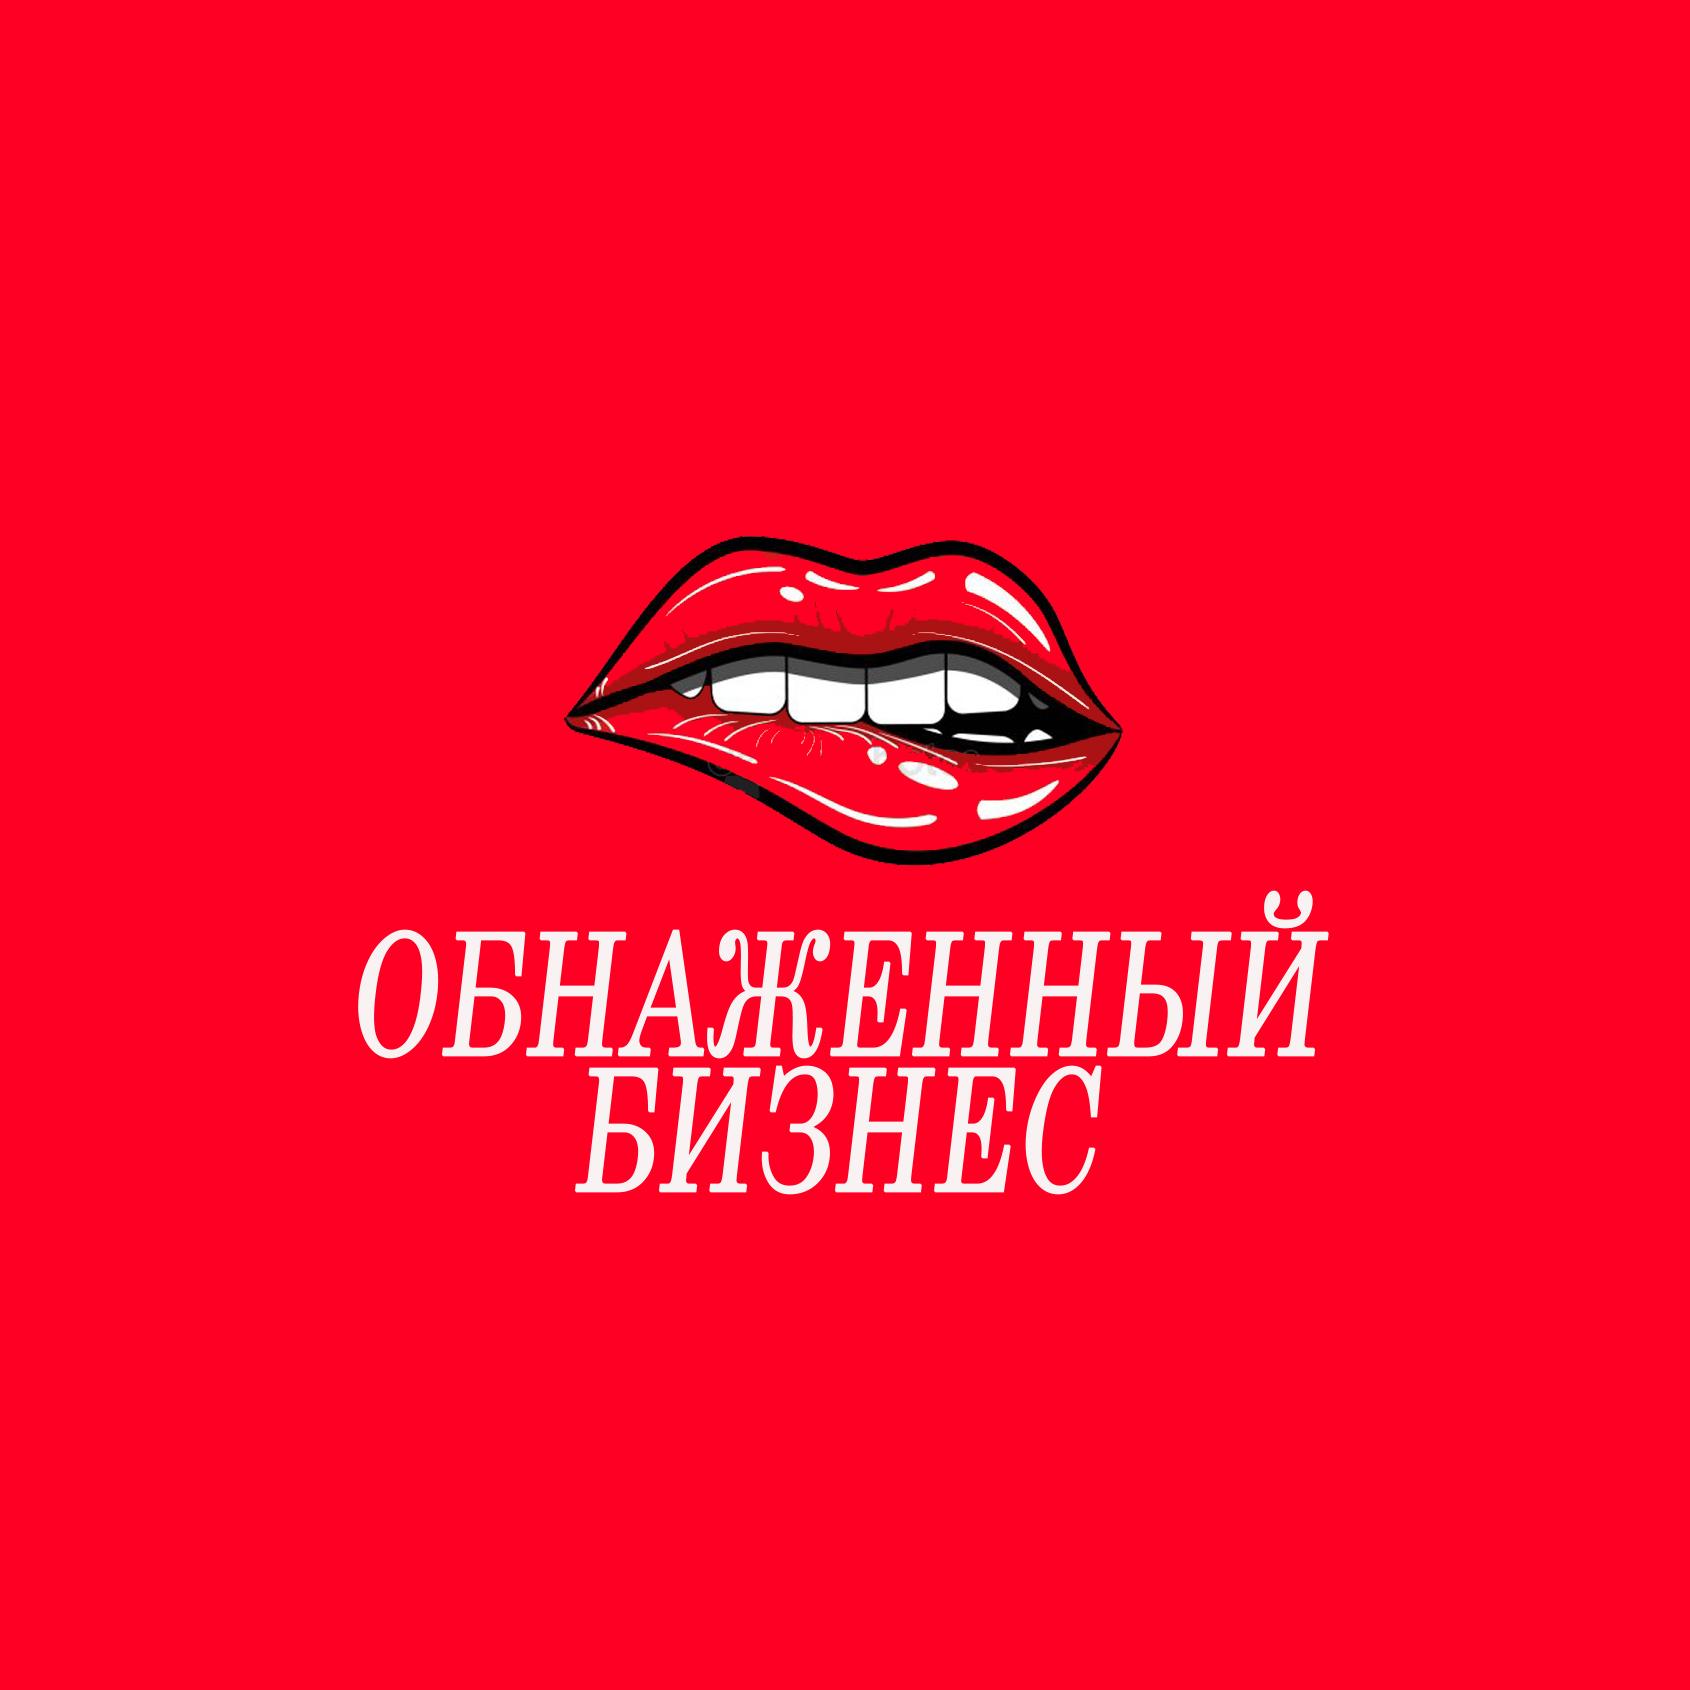 """Логотип для продюсерского центра """"Обнажённый бизнес"""" фото f_6465b9f830bb191a.jpg"""